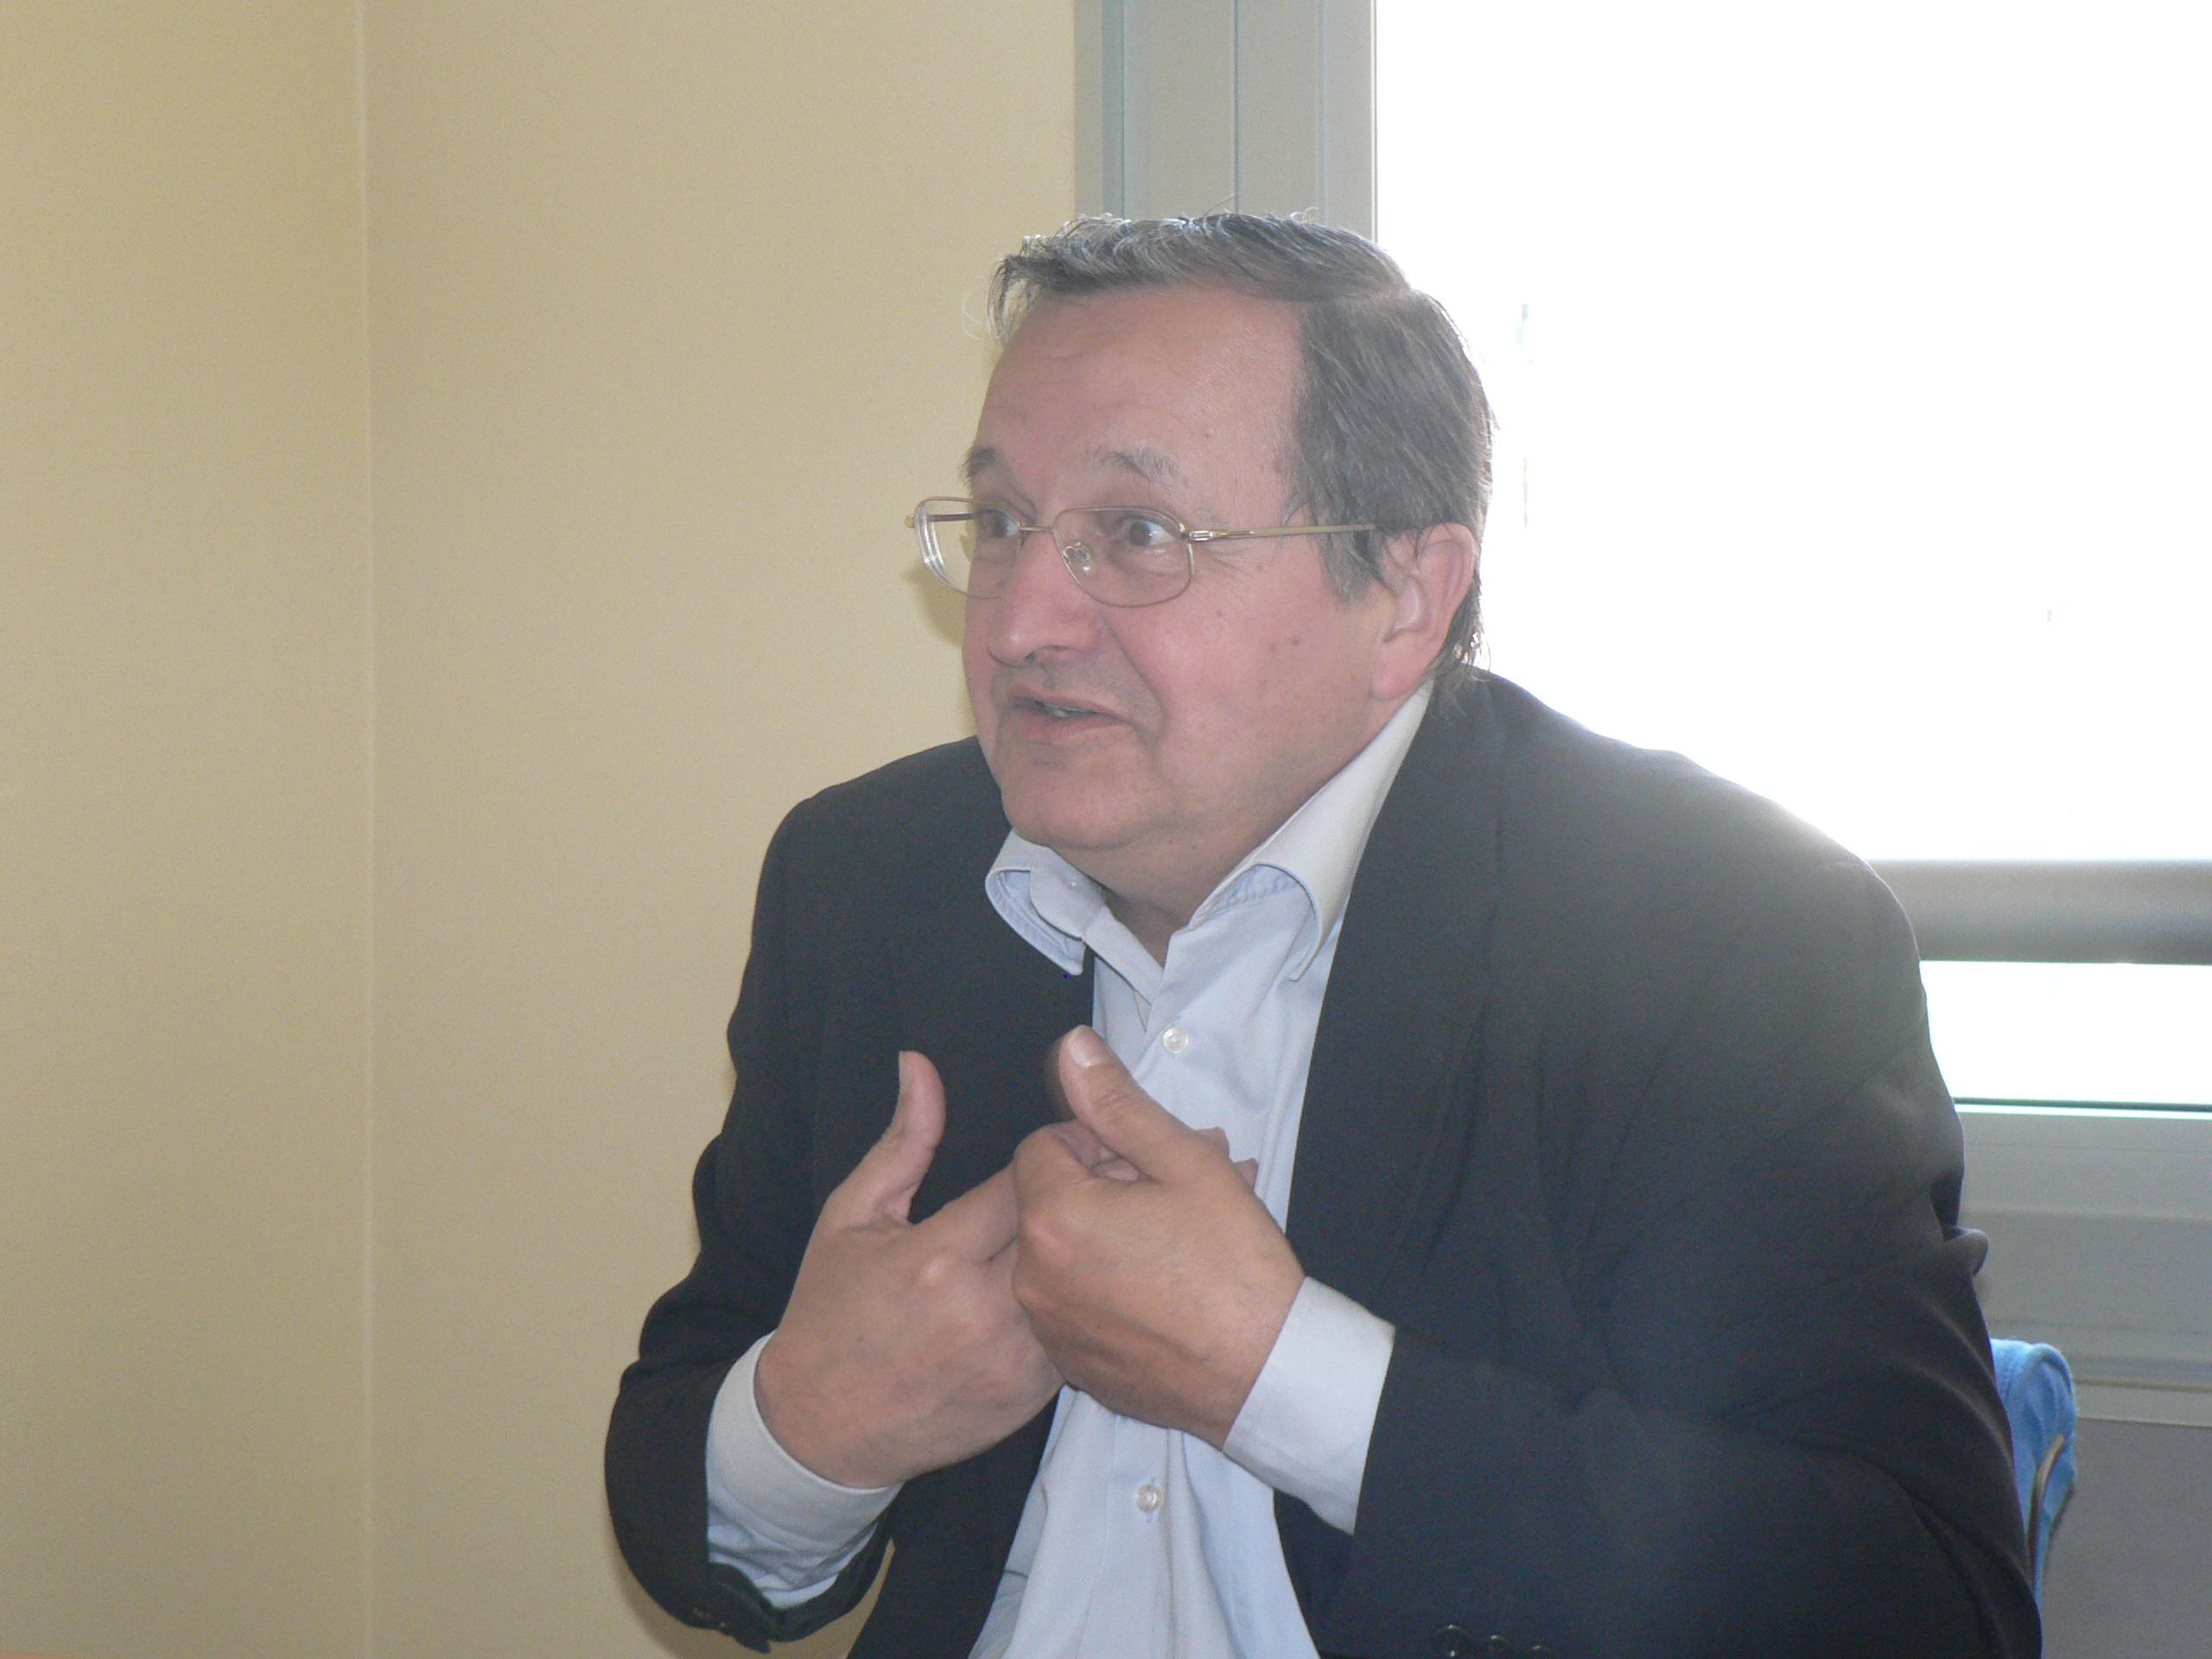 Bienvenue sur Refusons les expulsions locatives – Soutenons Gérard Piel!